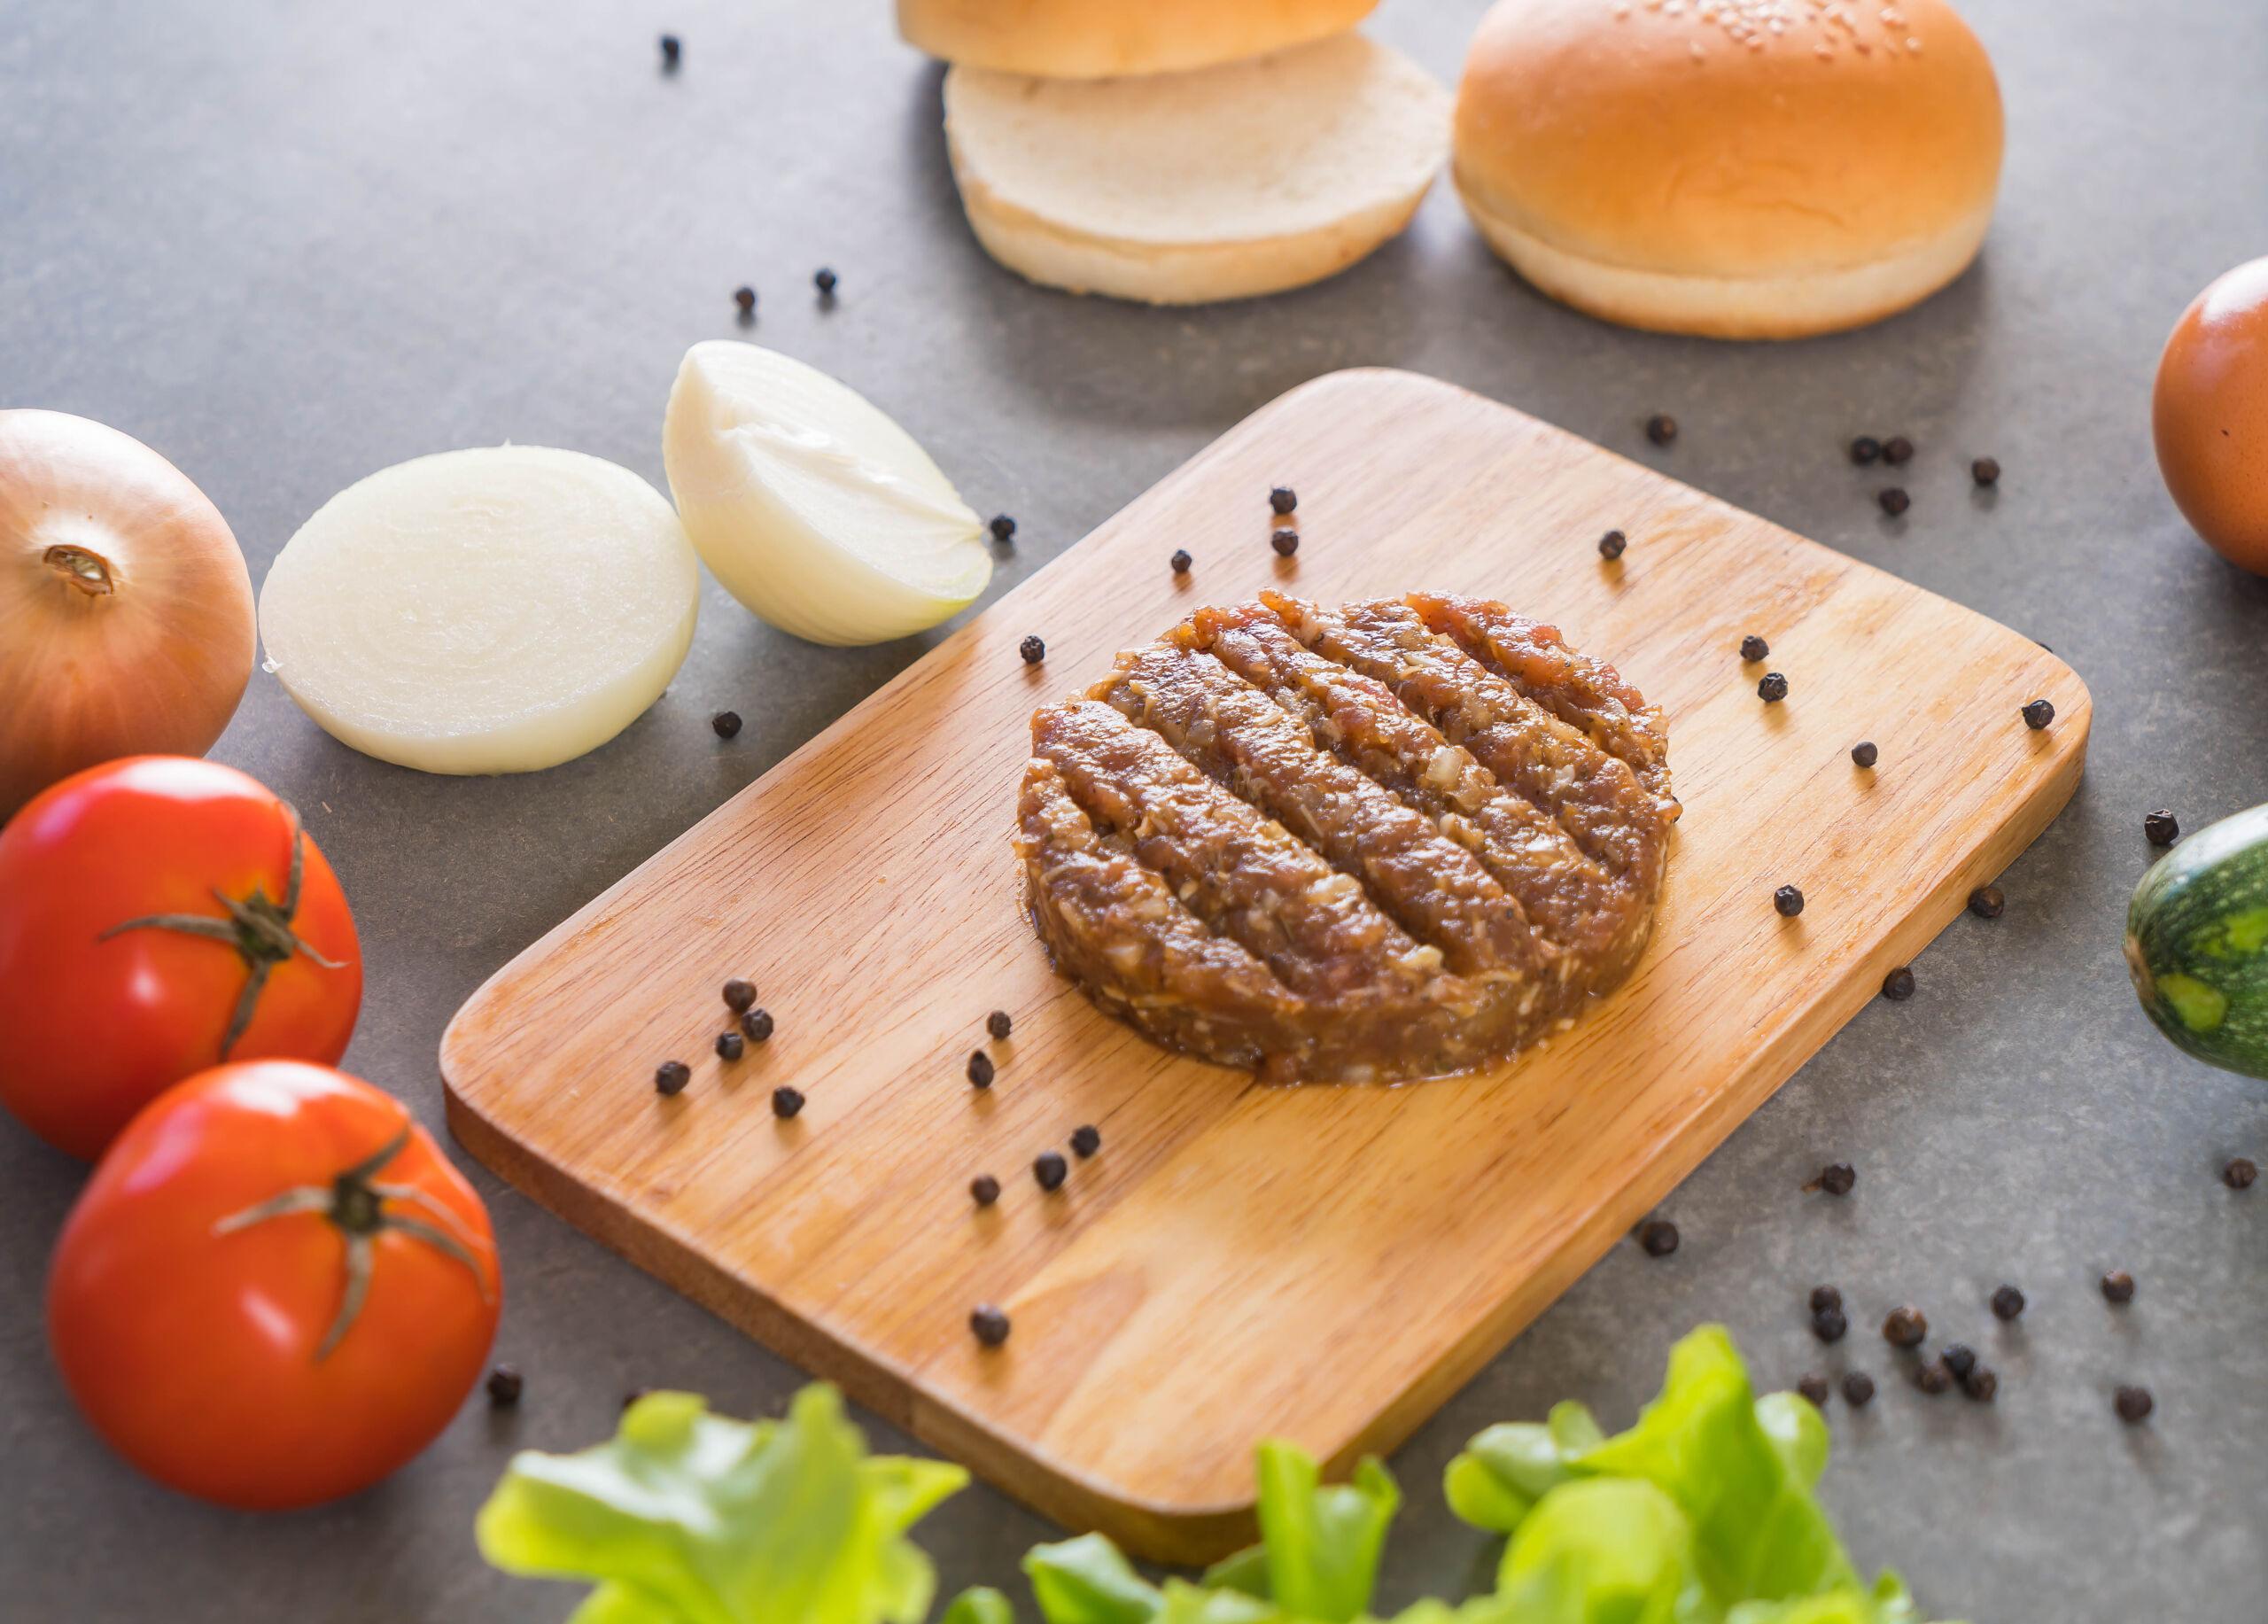 Hamburdehesa ingredientes saludables